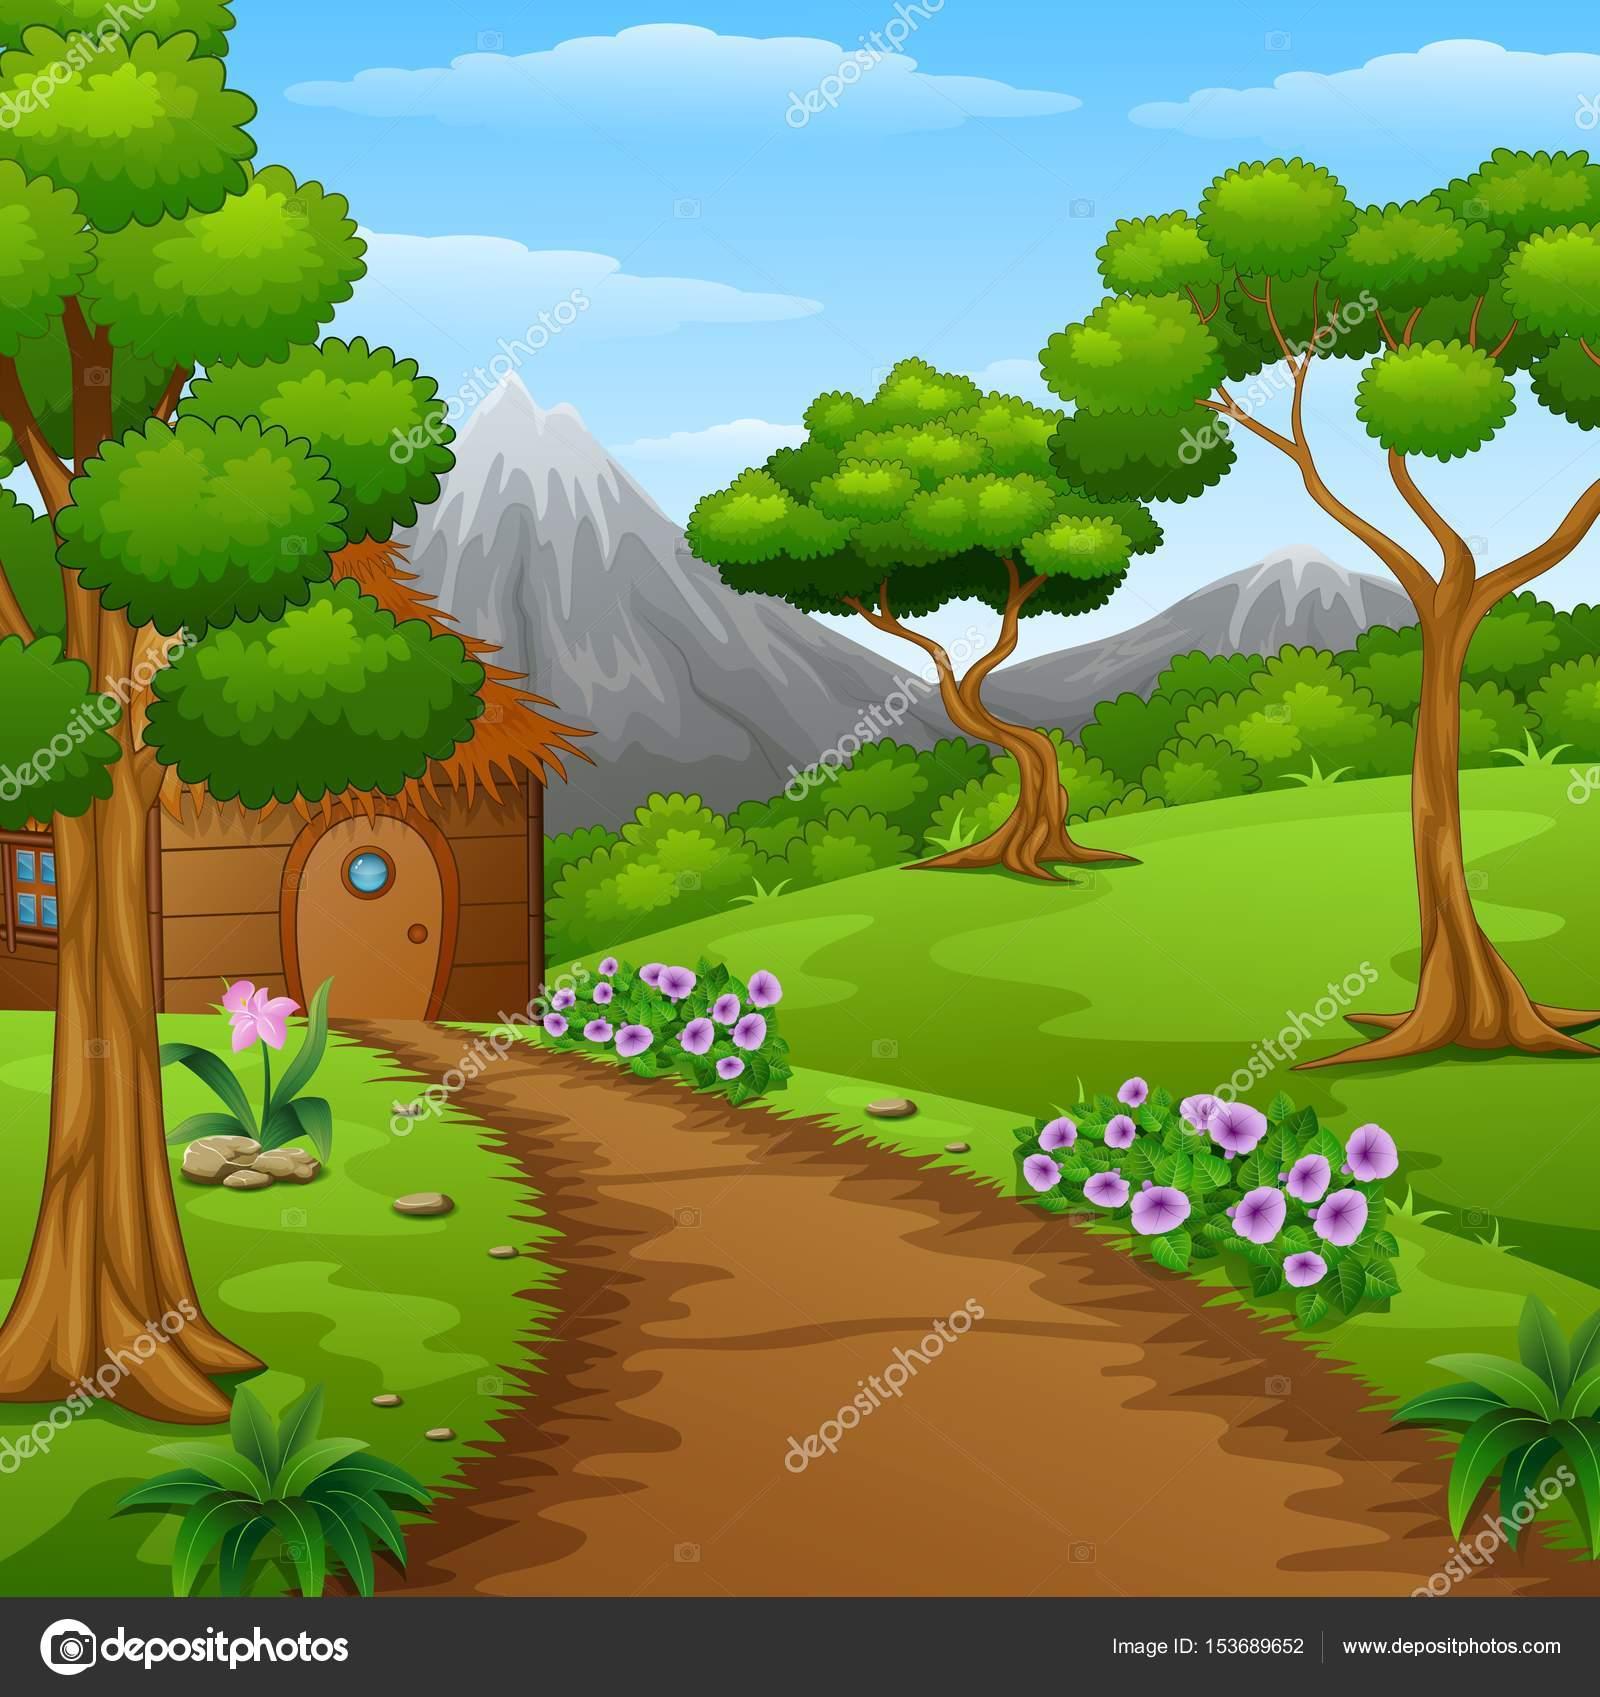 Caba a de madera de dibujos animados en el bosque vector for Imagenes de fuera de lugar